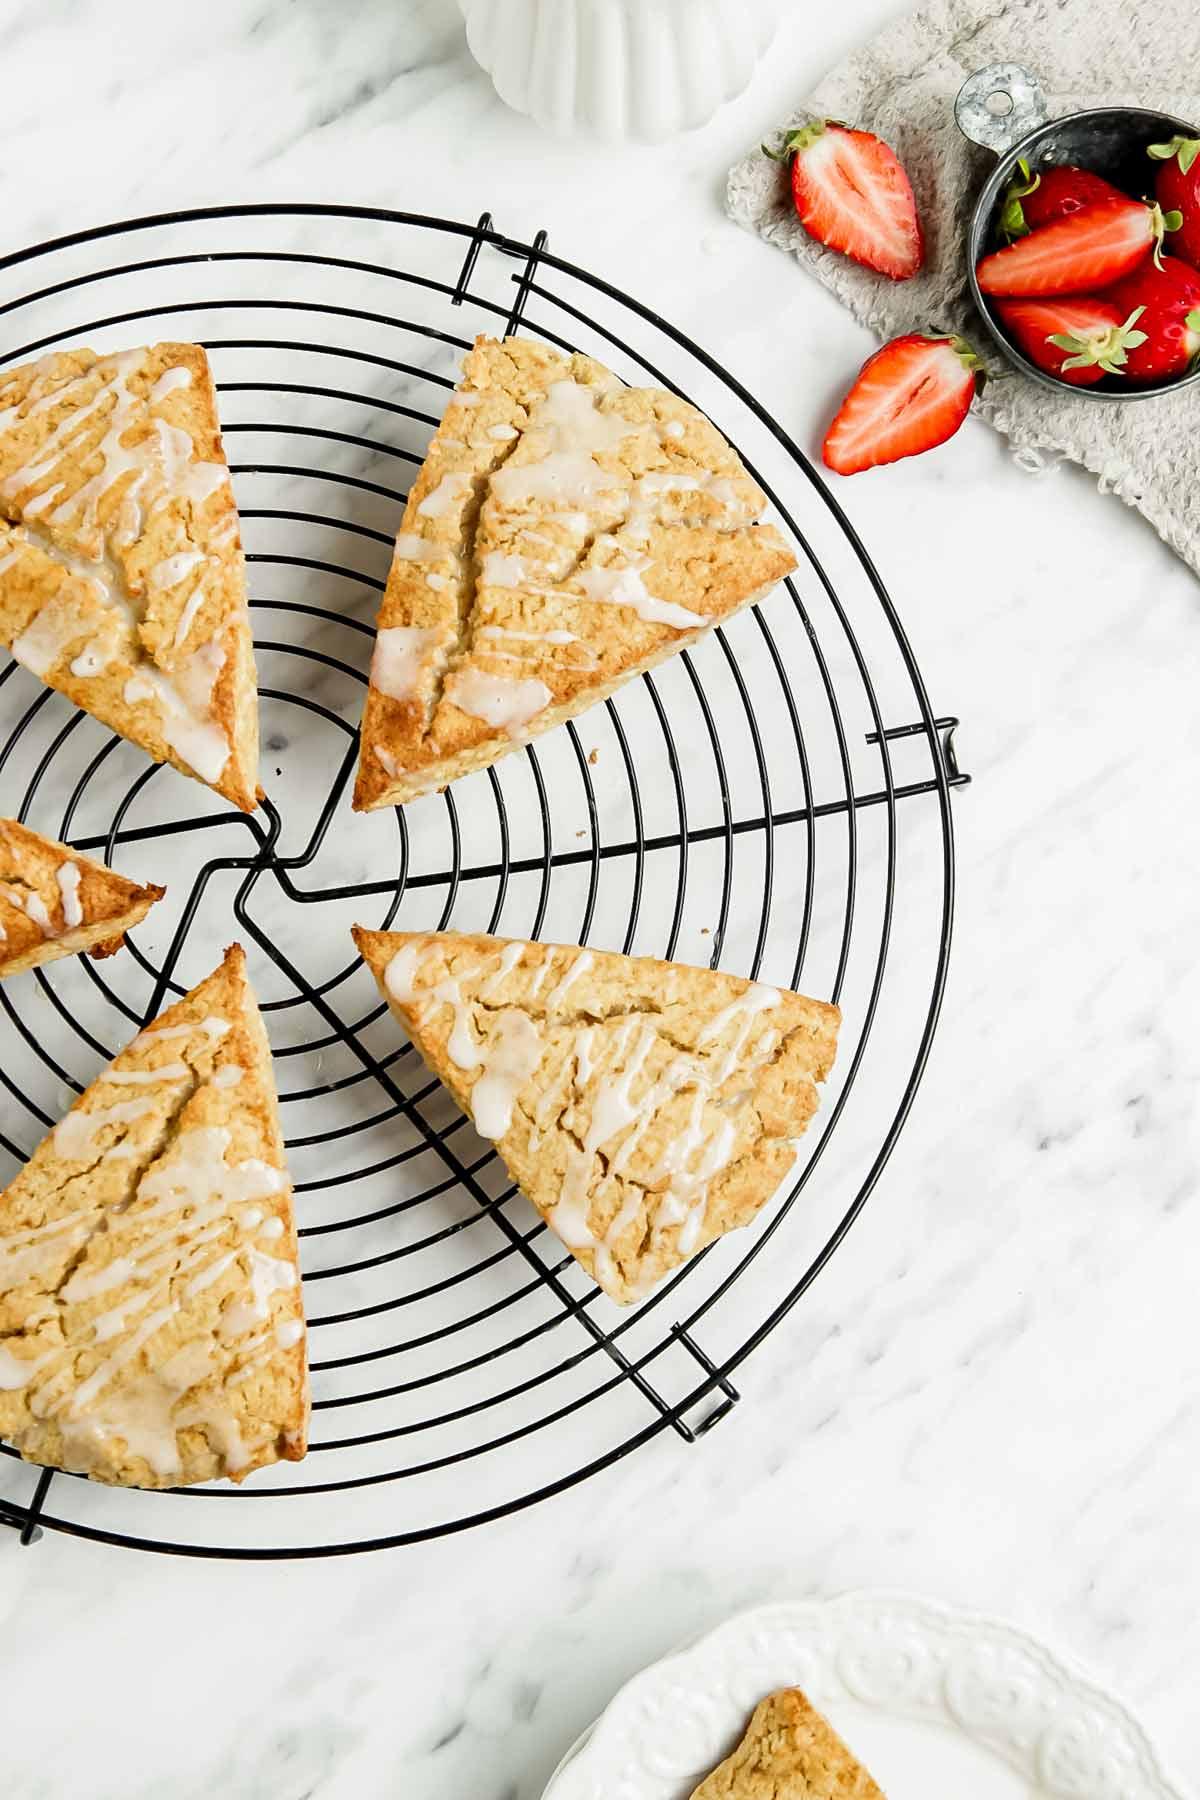 Gluten free scones on wire rack